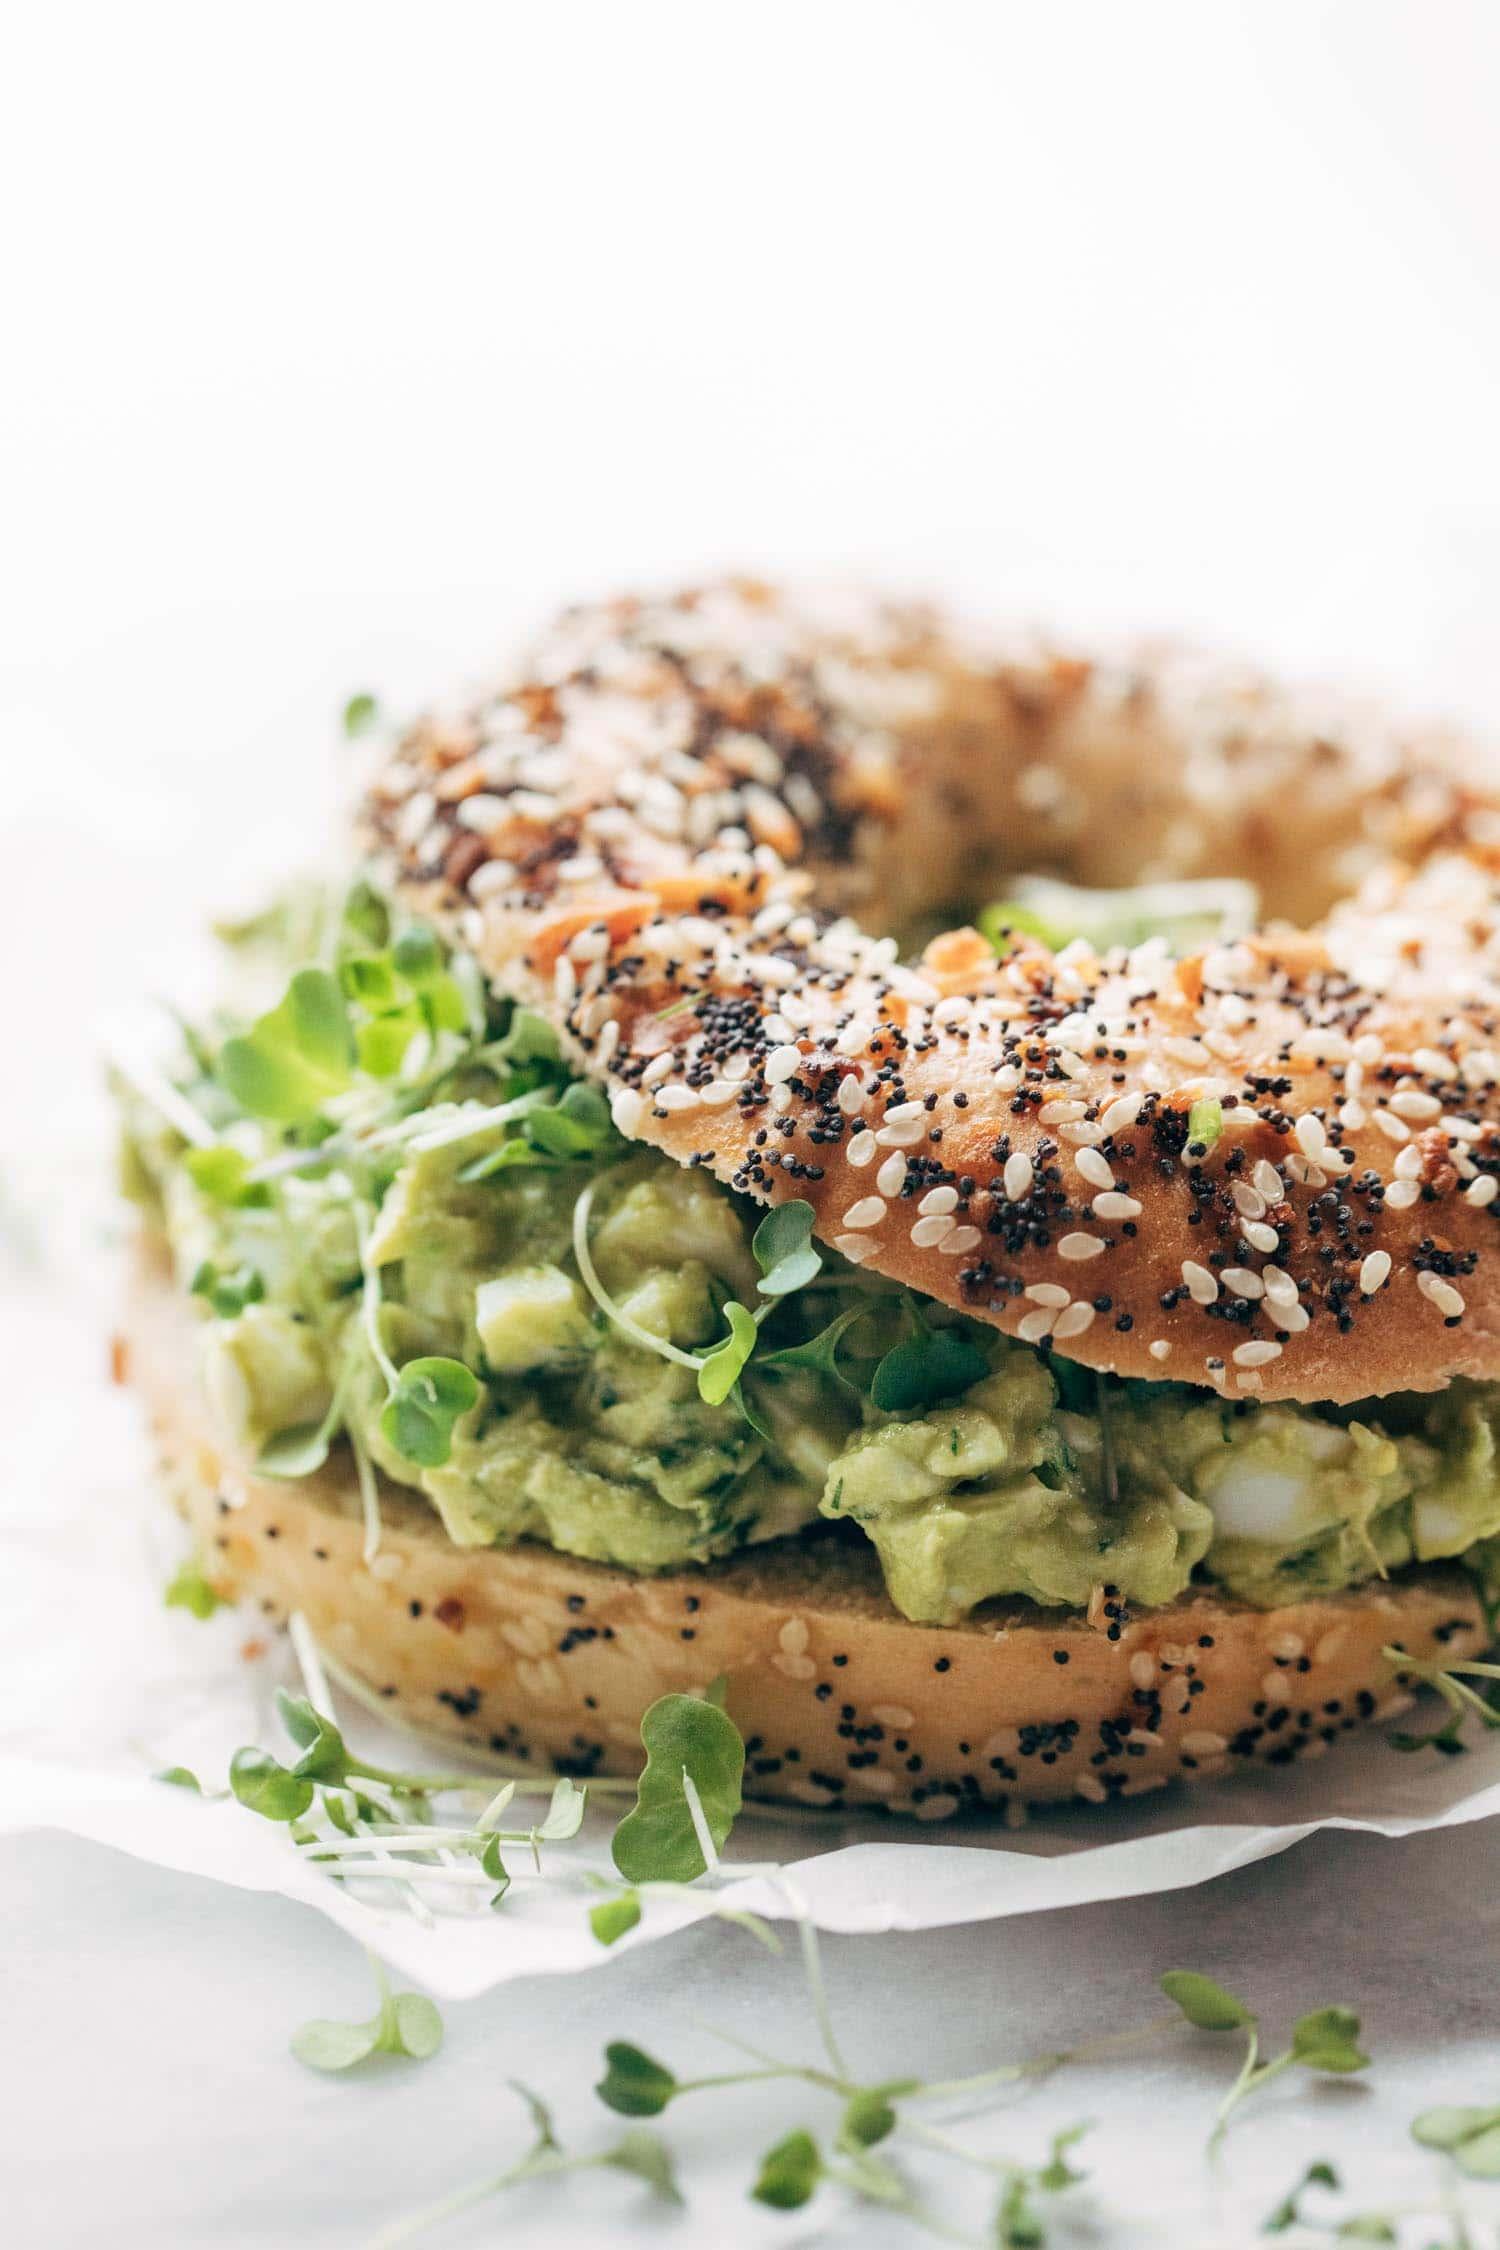 22. Avocado Egg Salad